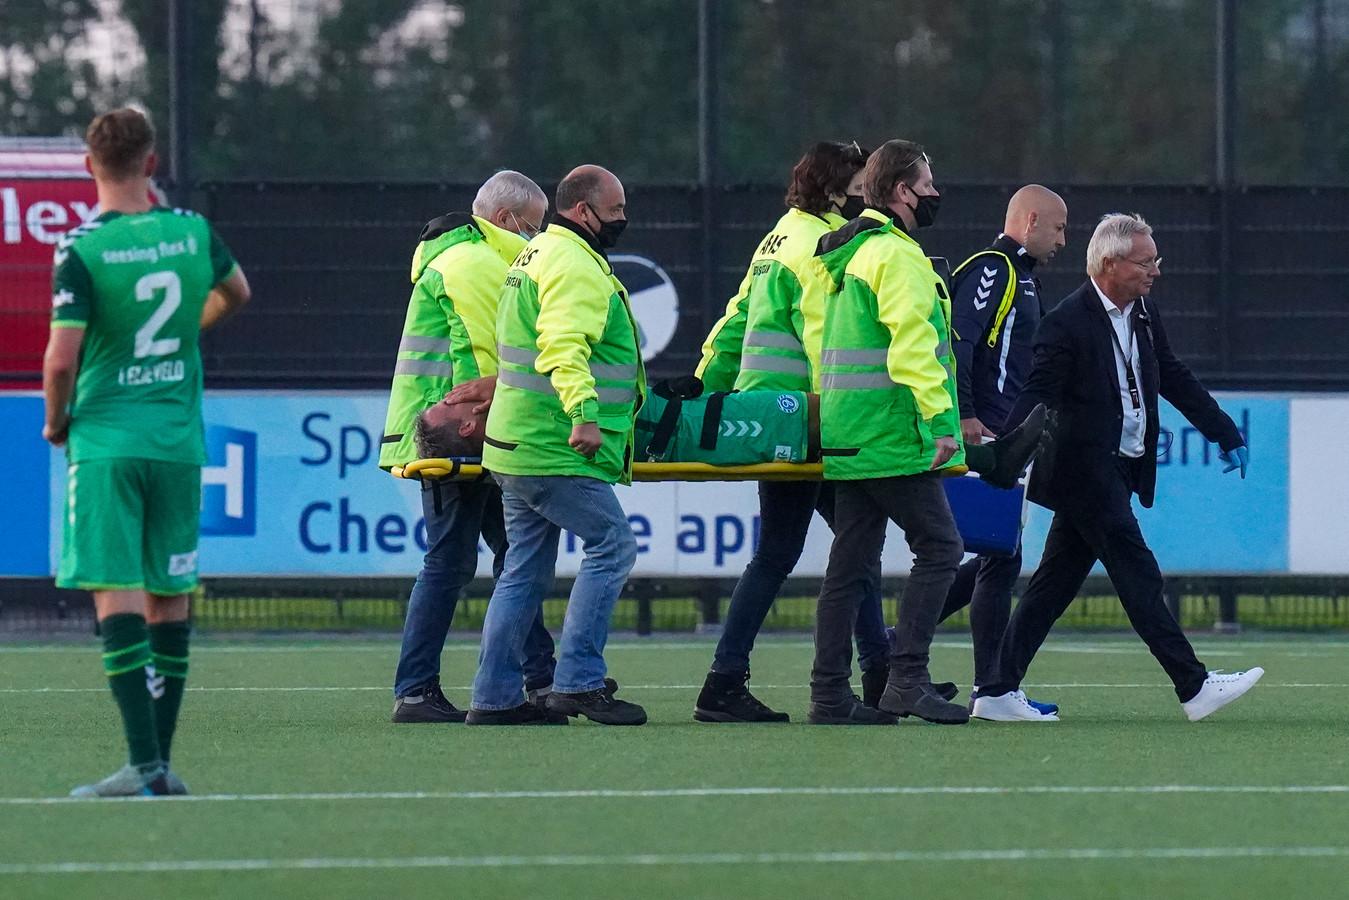 De Graafschap-aanvoerder Ralf Seuntjens wordt per brancard van het veld gedragen.